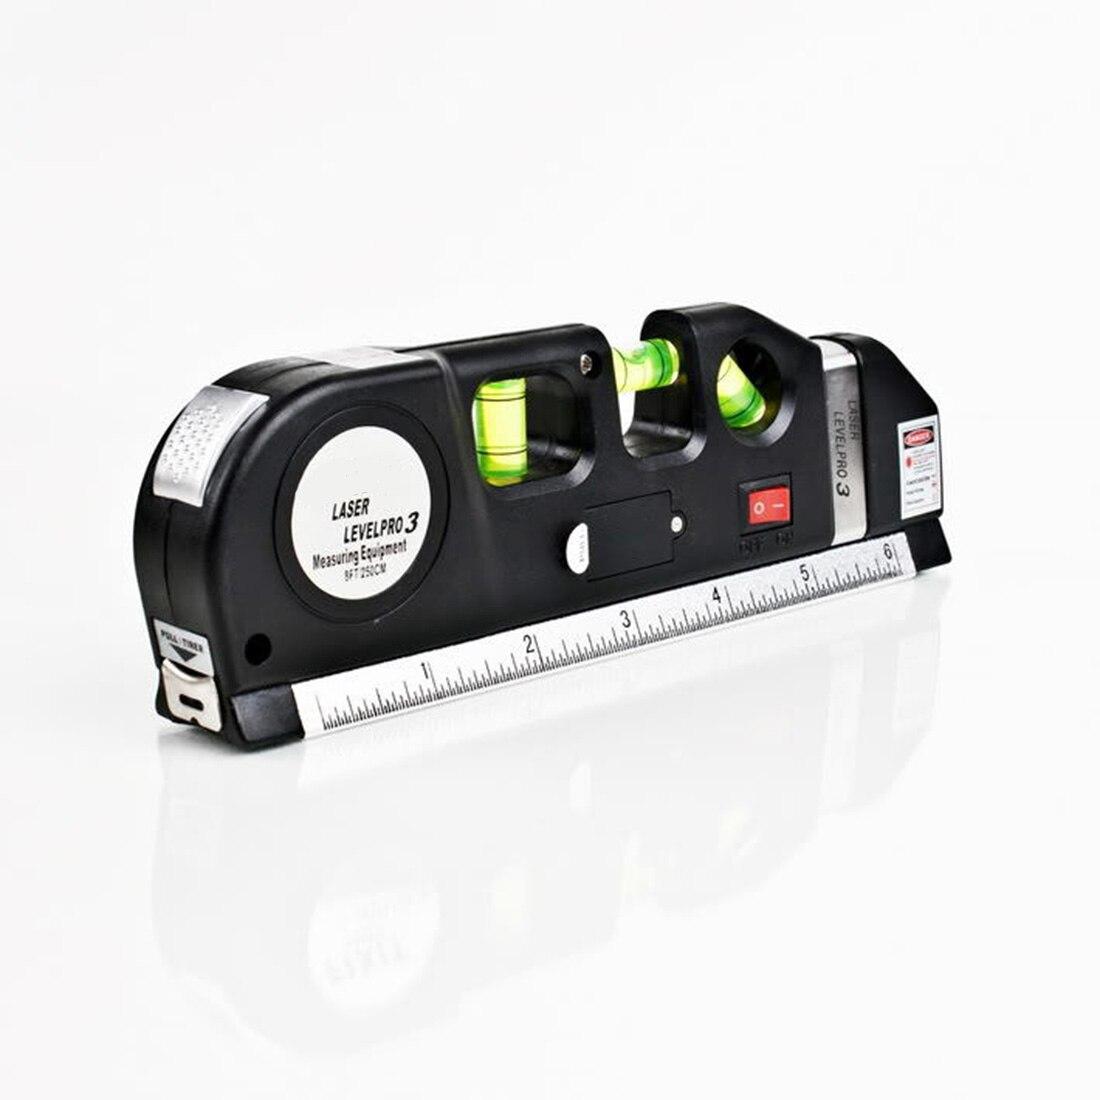 Multiuso Level Laser Vertical Horizon Misura di Nastro 8ft mascherina Bubbles Righello Strumento Multiuso Misura di Livello Laser